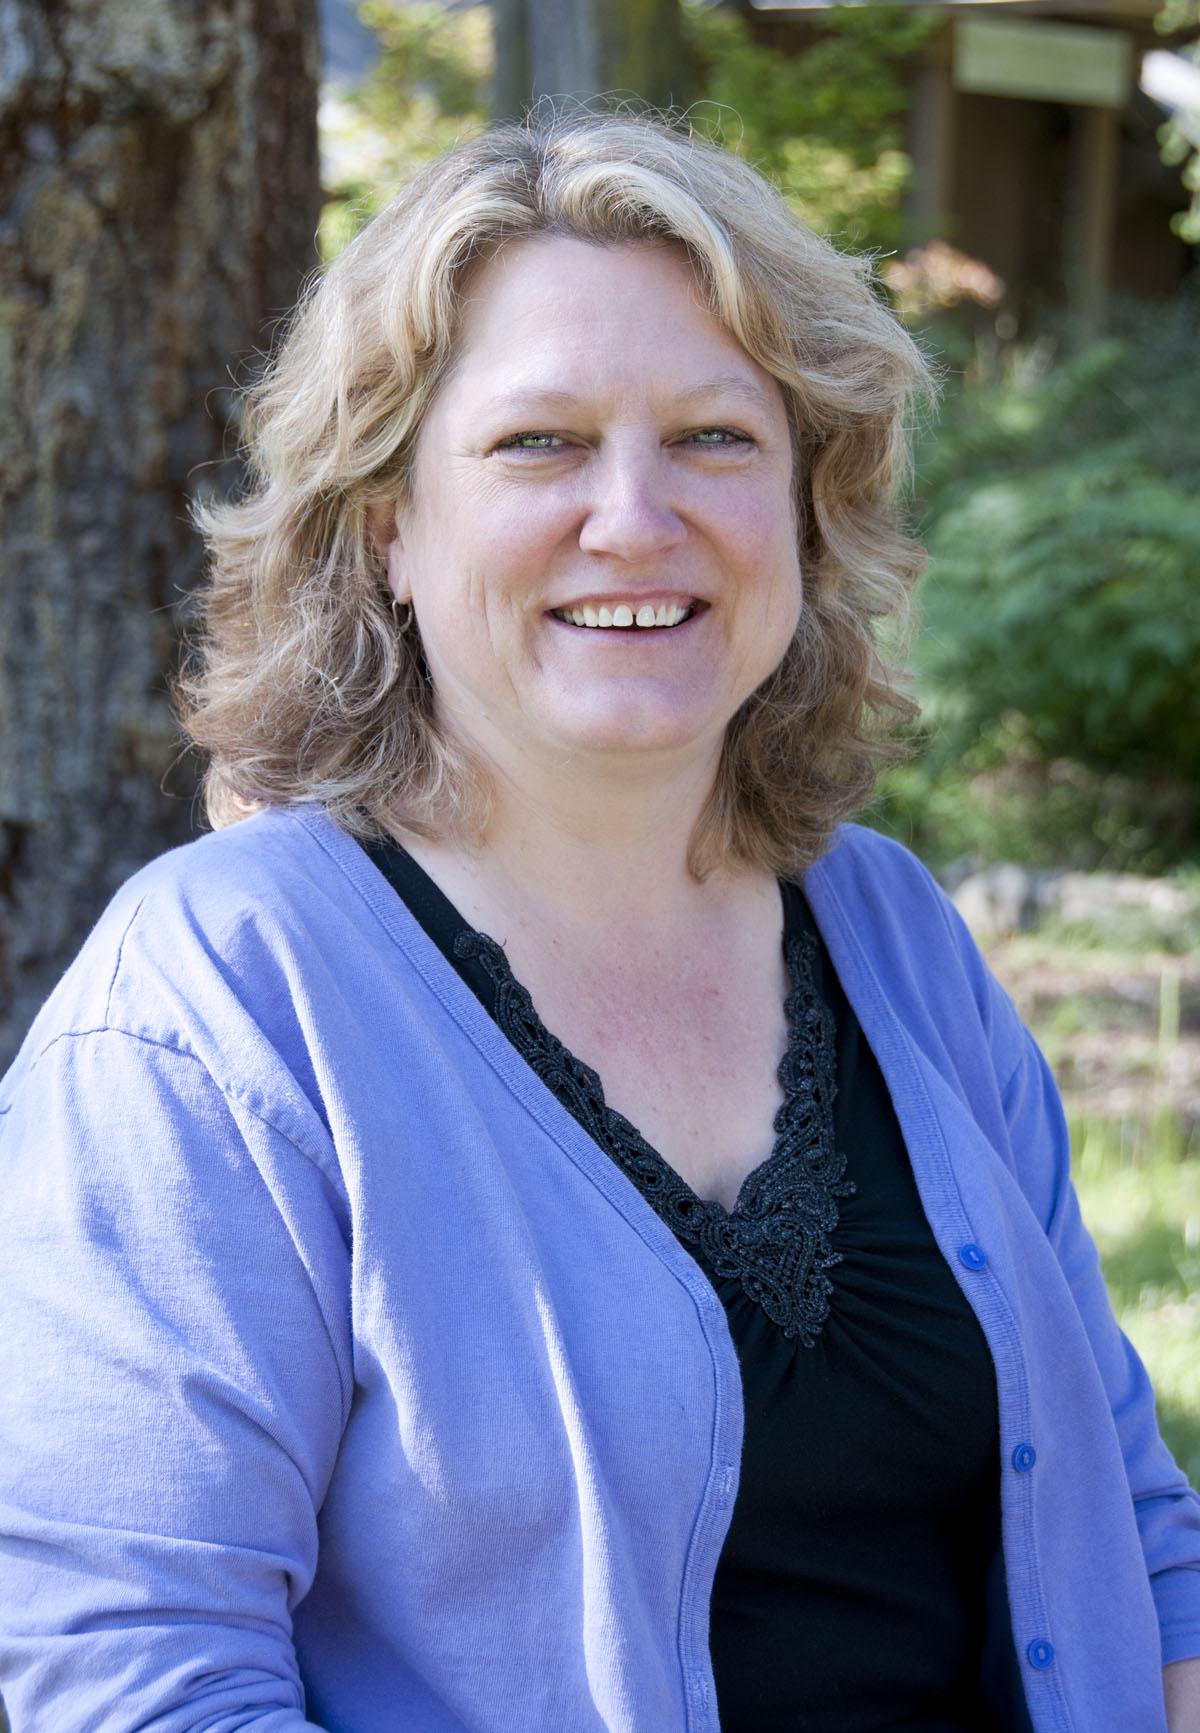 profile photo of Billie Swalla